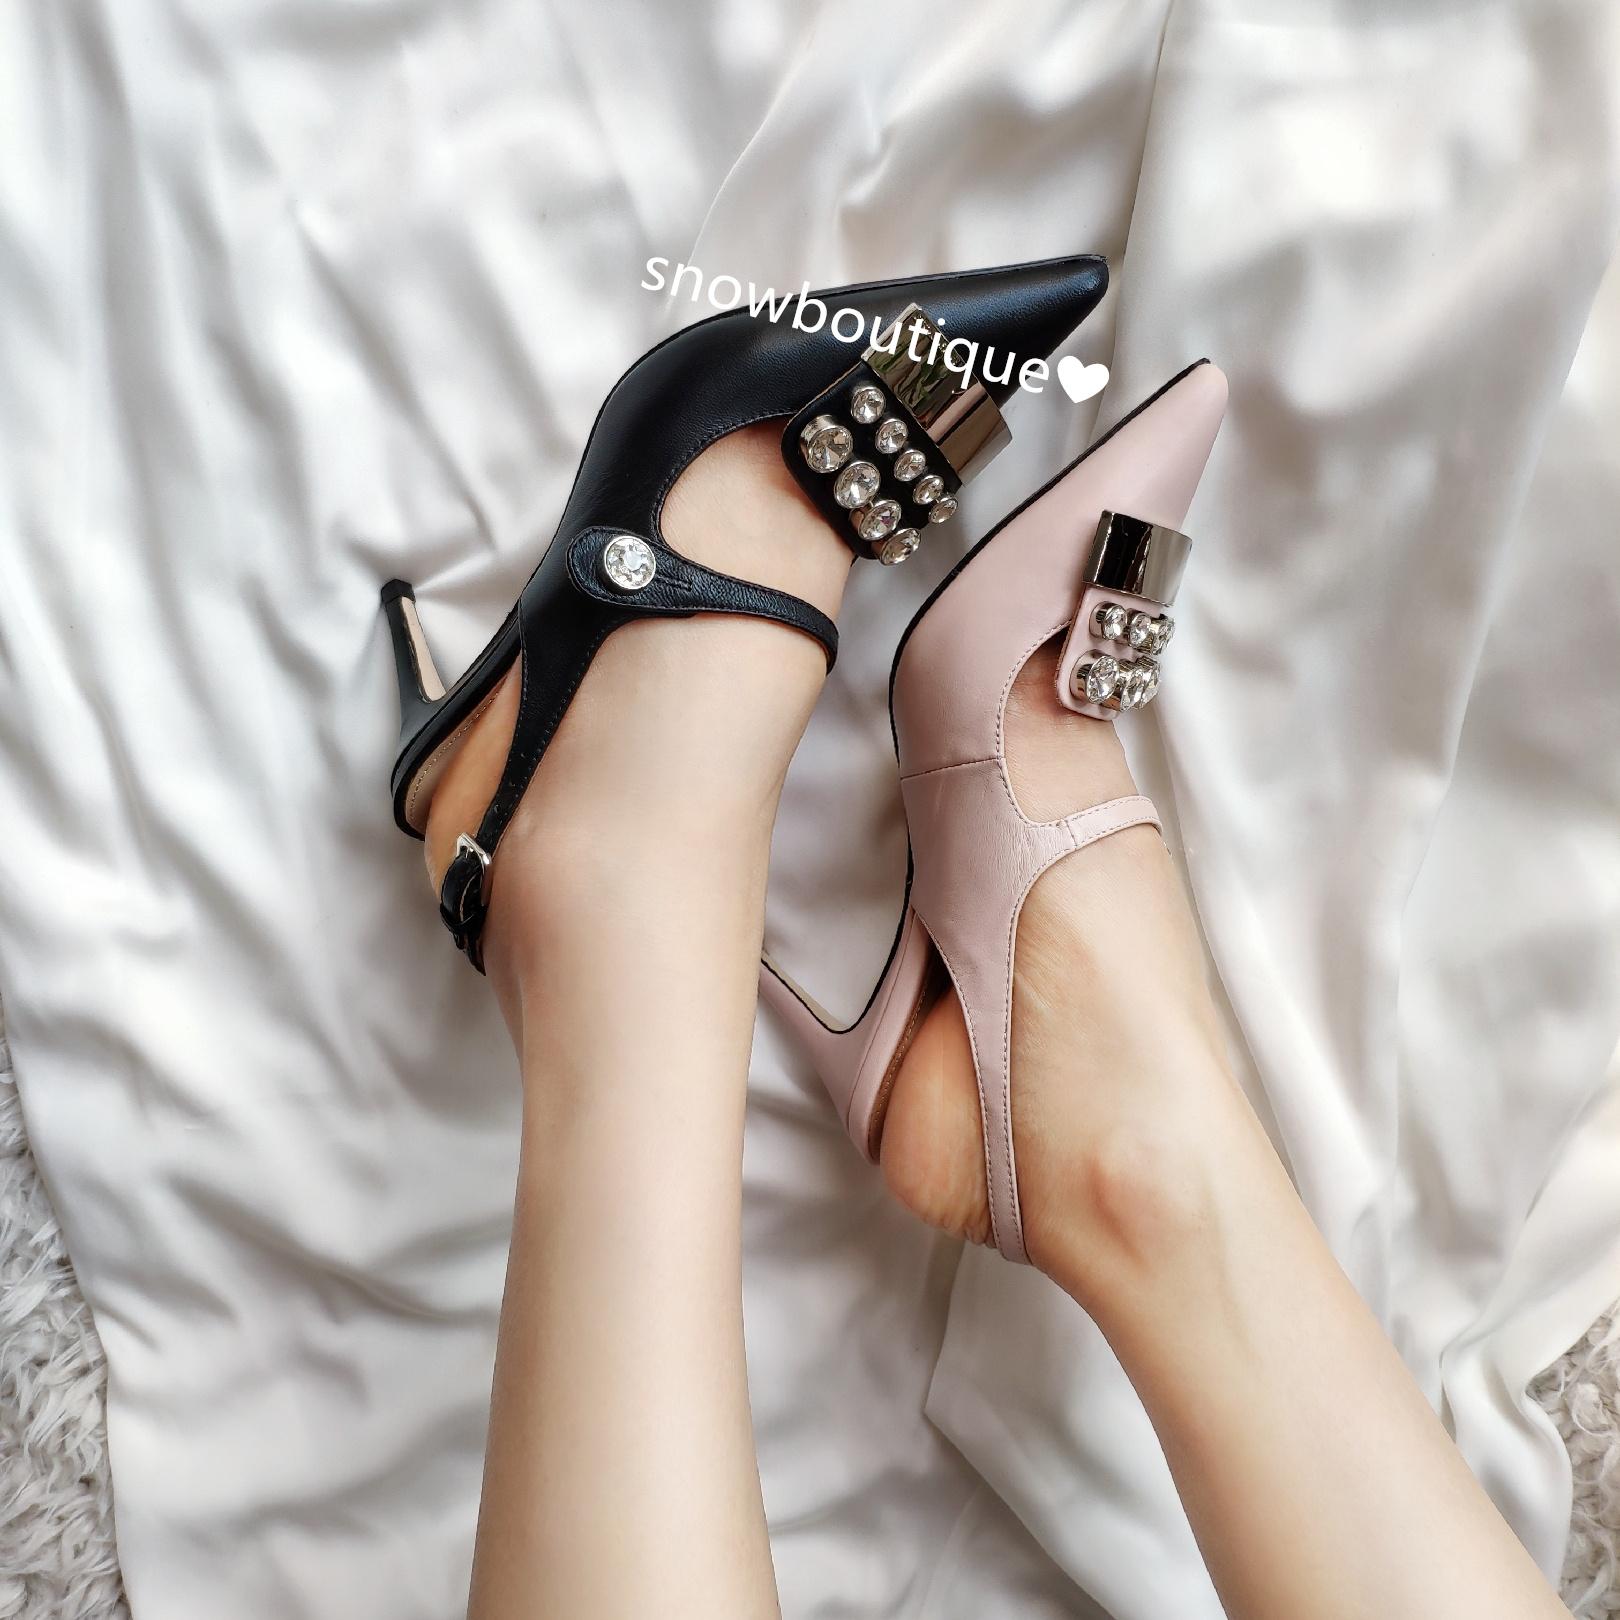 高端女鞋好皮质重工水钻尖头制鞋大师高跟鞋玛丽珍鞋凉鞋